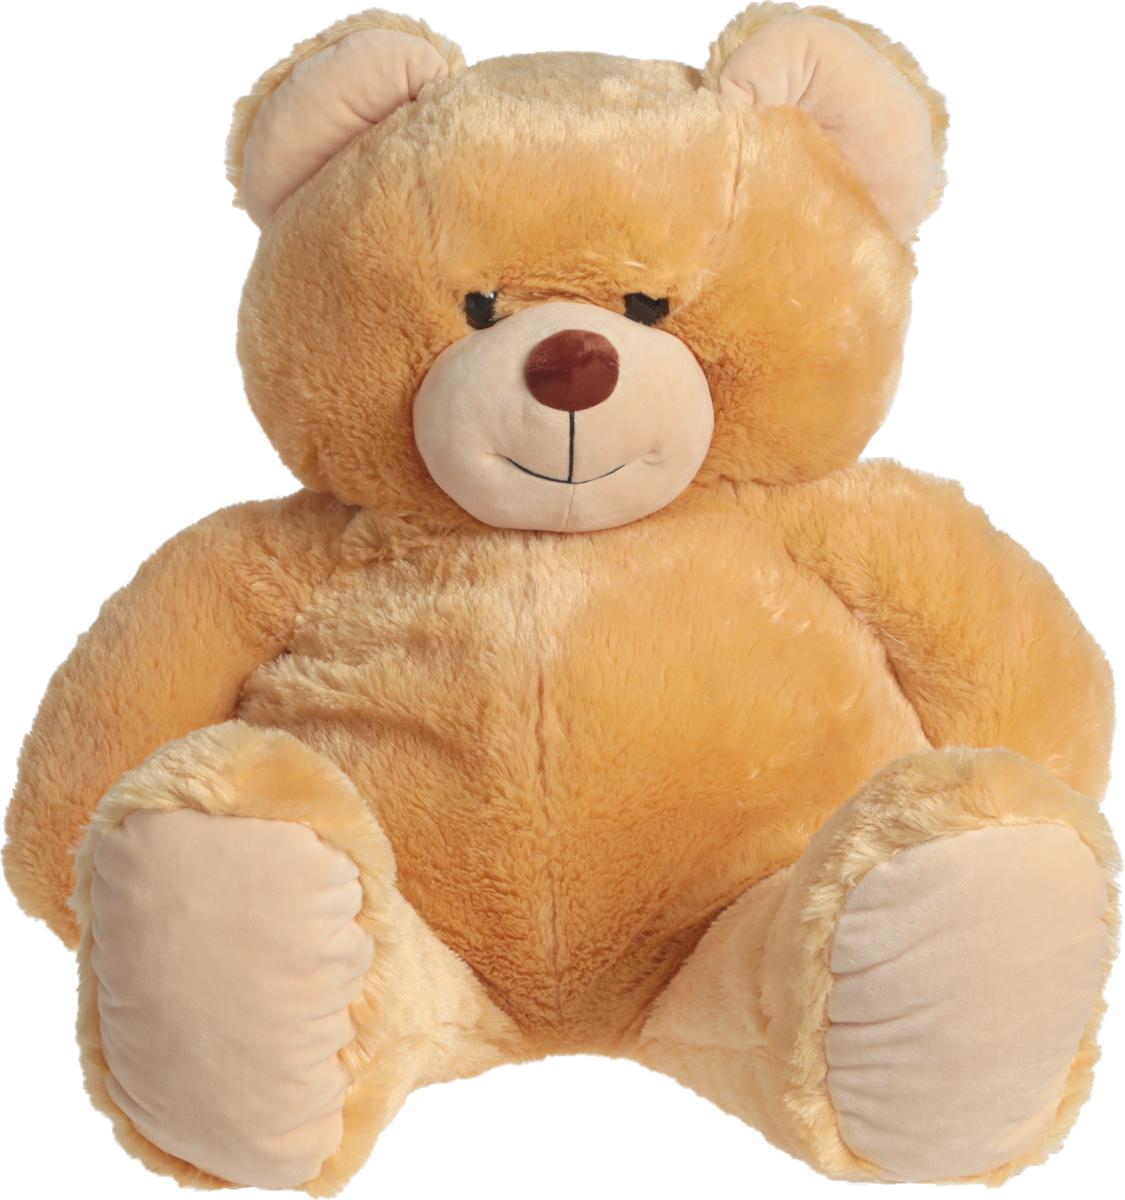 цена СмолТойс Мягкая игрушка Медведь цвет светло-бежевый 103 см